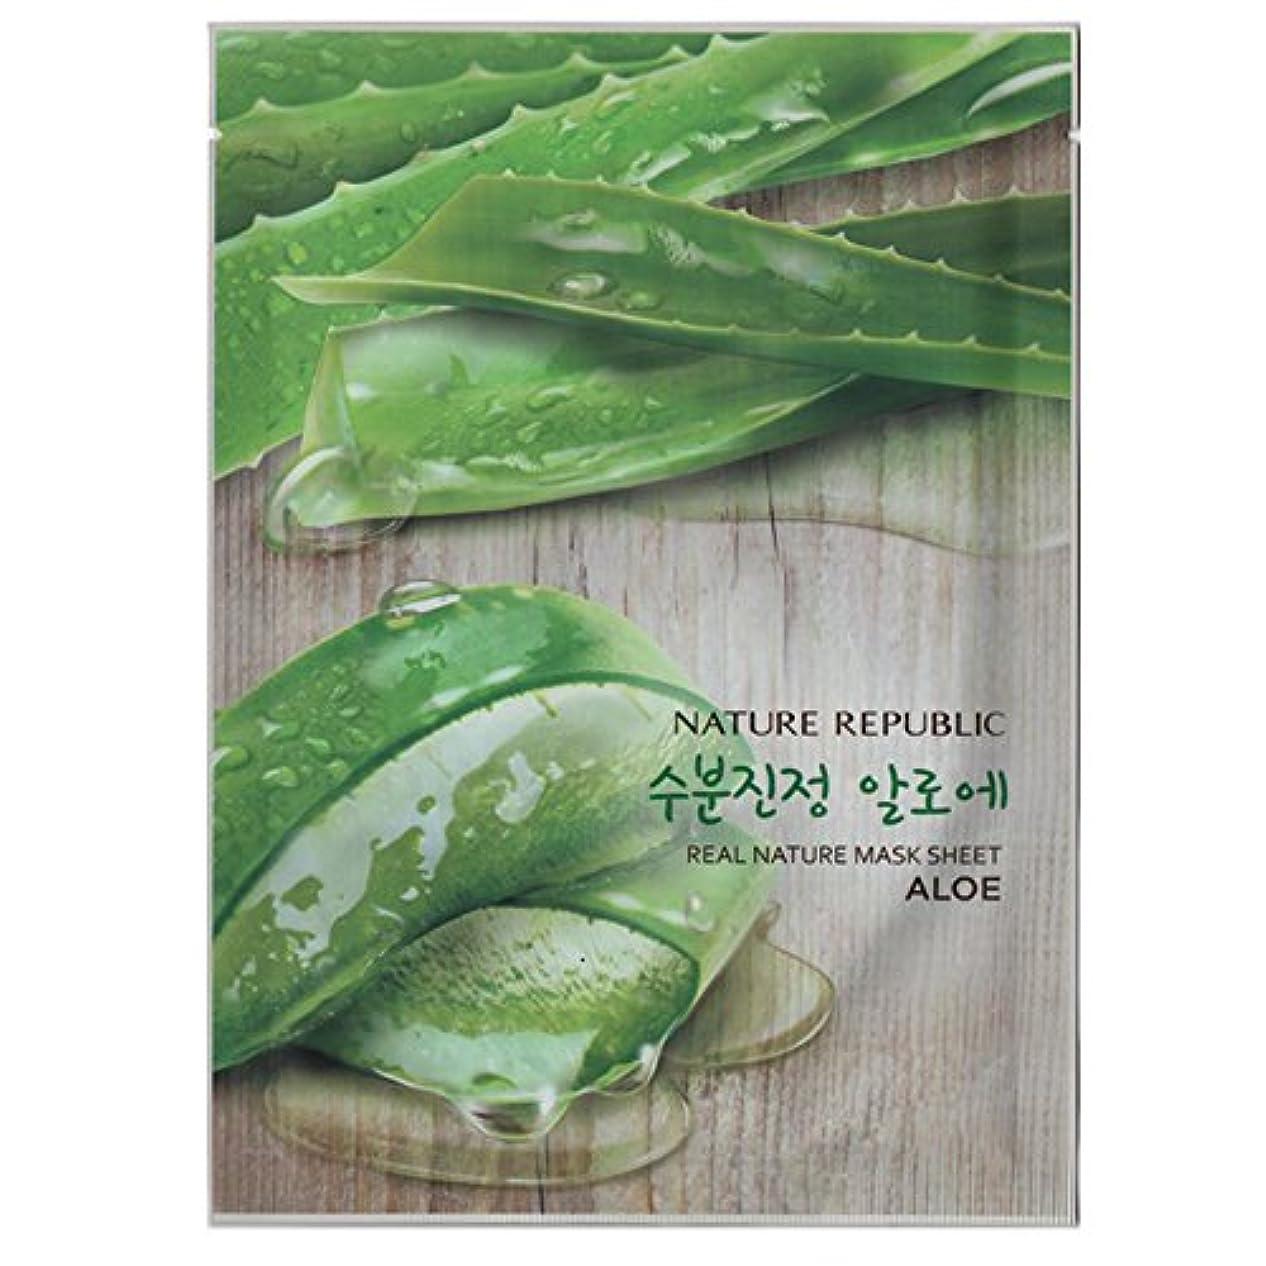 余暇後者おしゃれな[NATURE REPUBLIC] リアルネイチャー マスクシート Real Nature Mask Sheet (Aloe (アロエ) 10個) [並行輸入品]